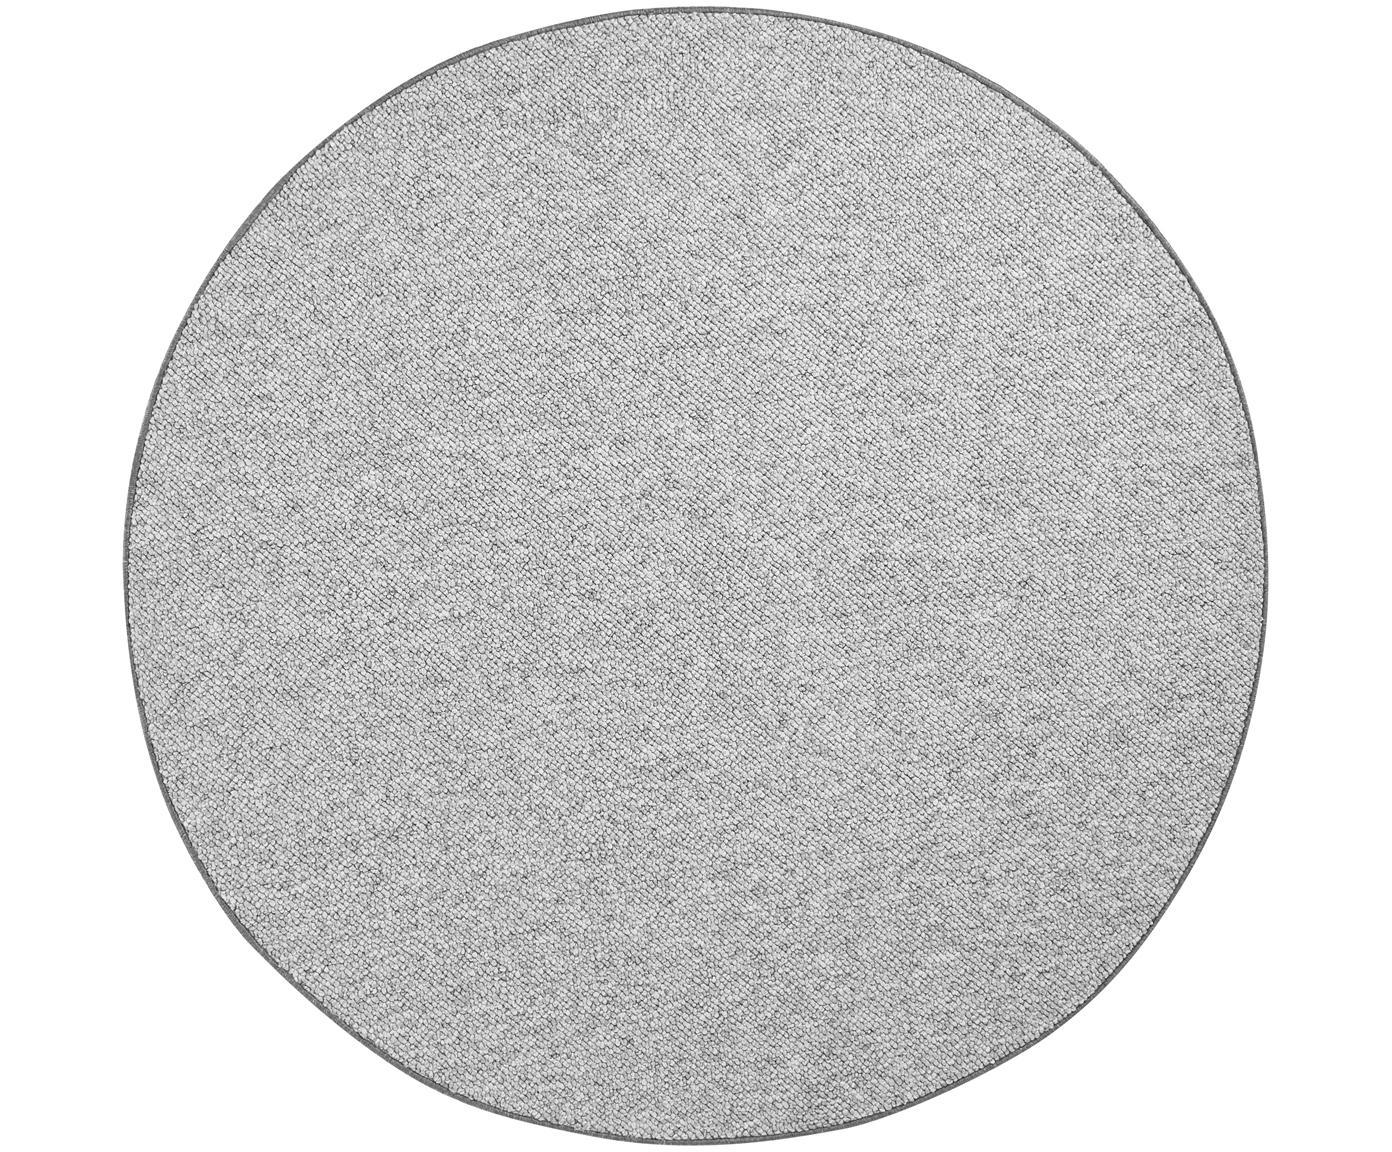 Rond vloerkleed Lyon met lussenpool, Bovenzijde: 100% polypropyleen, Onderzijde: vlies, Gemengd grijs, Ø 133 cm (maat M)